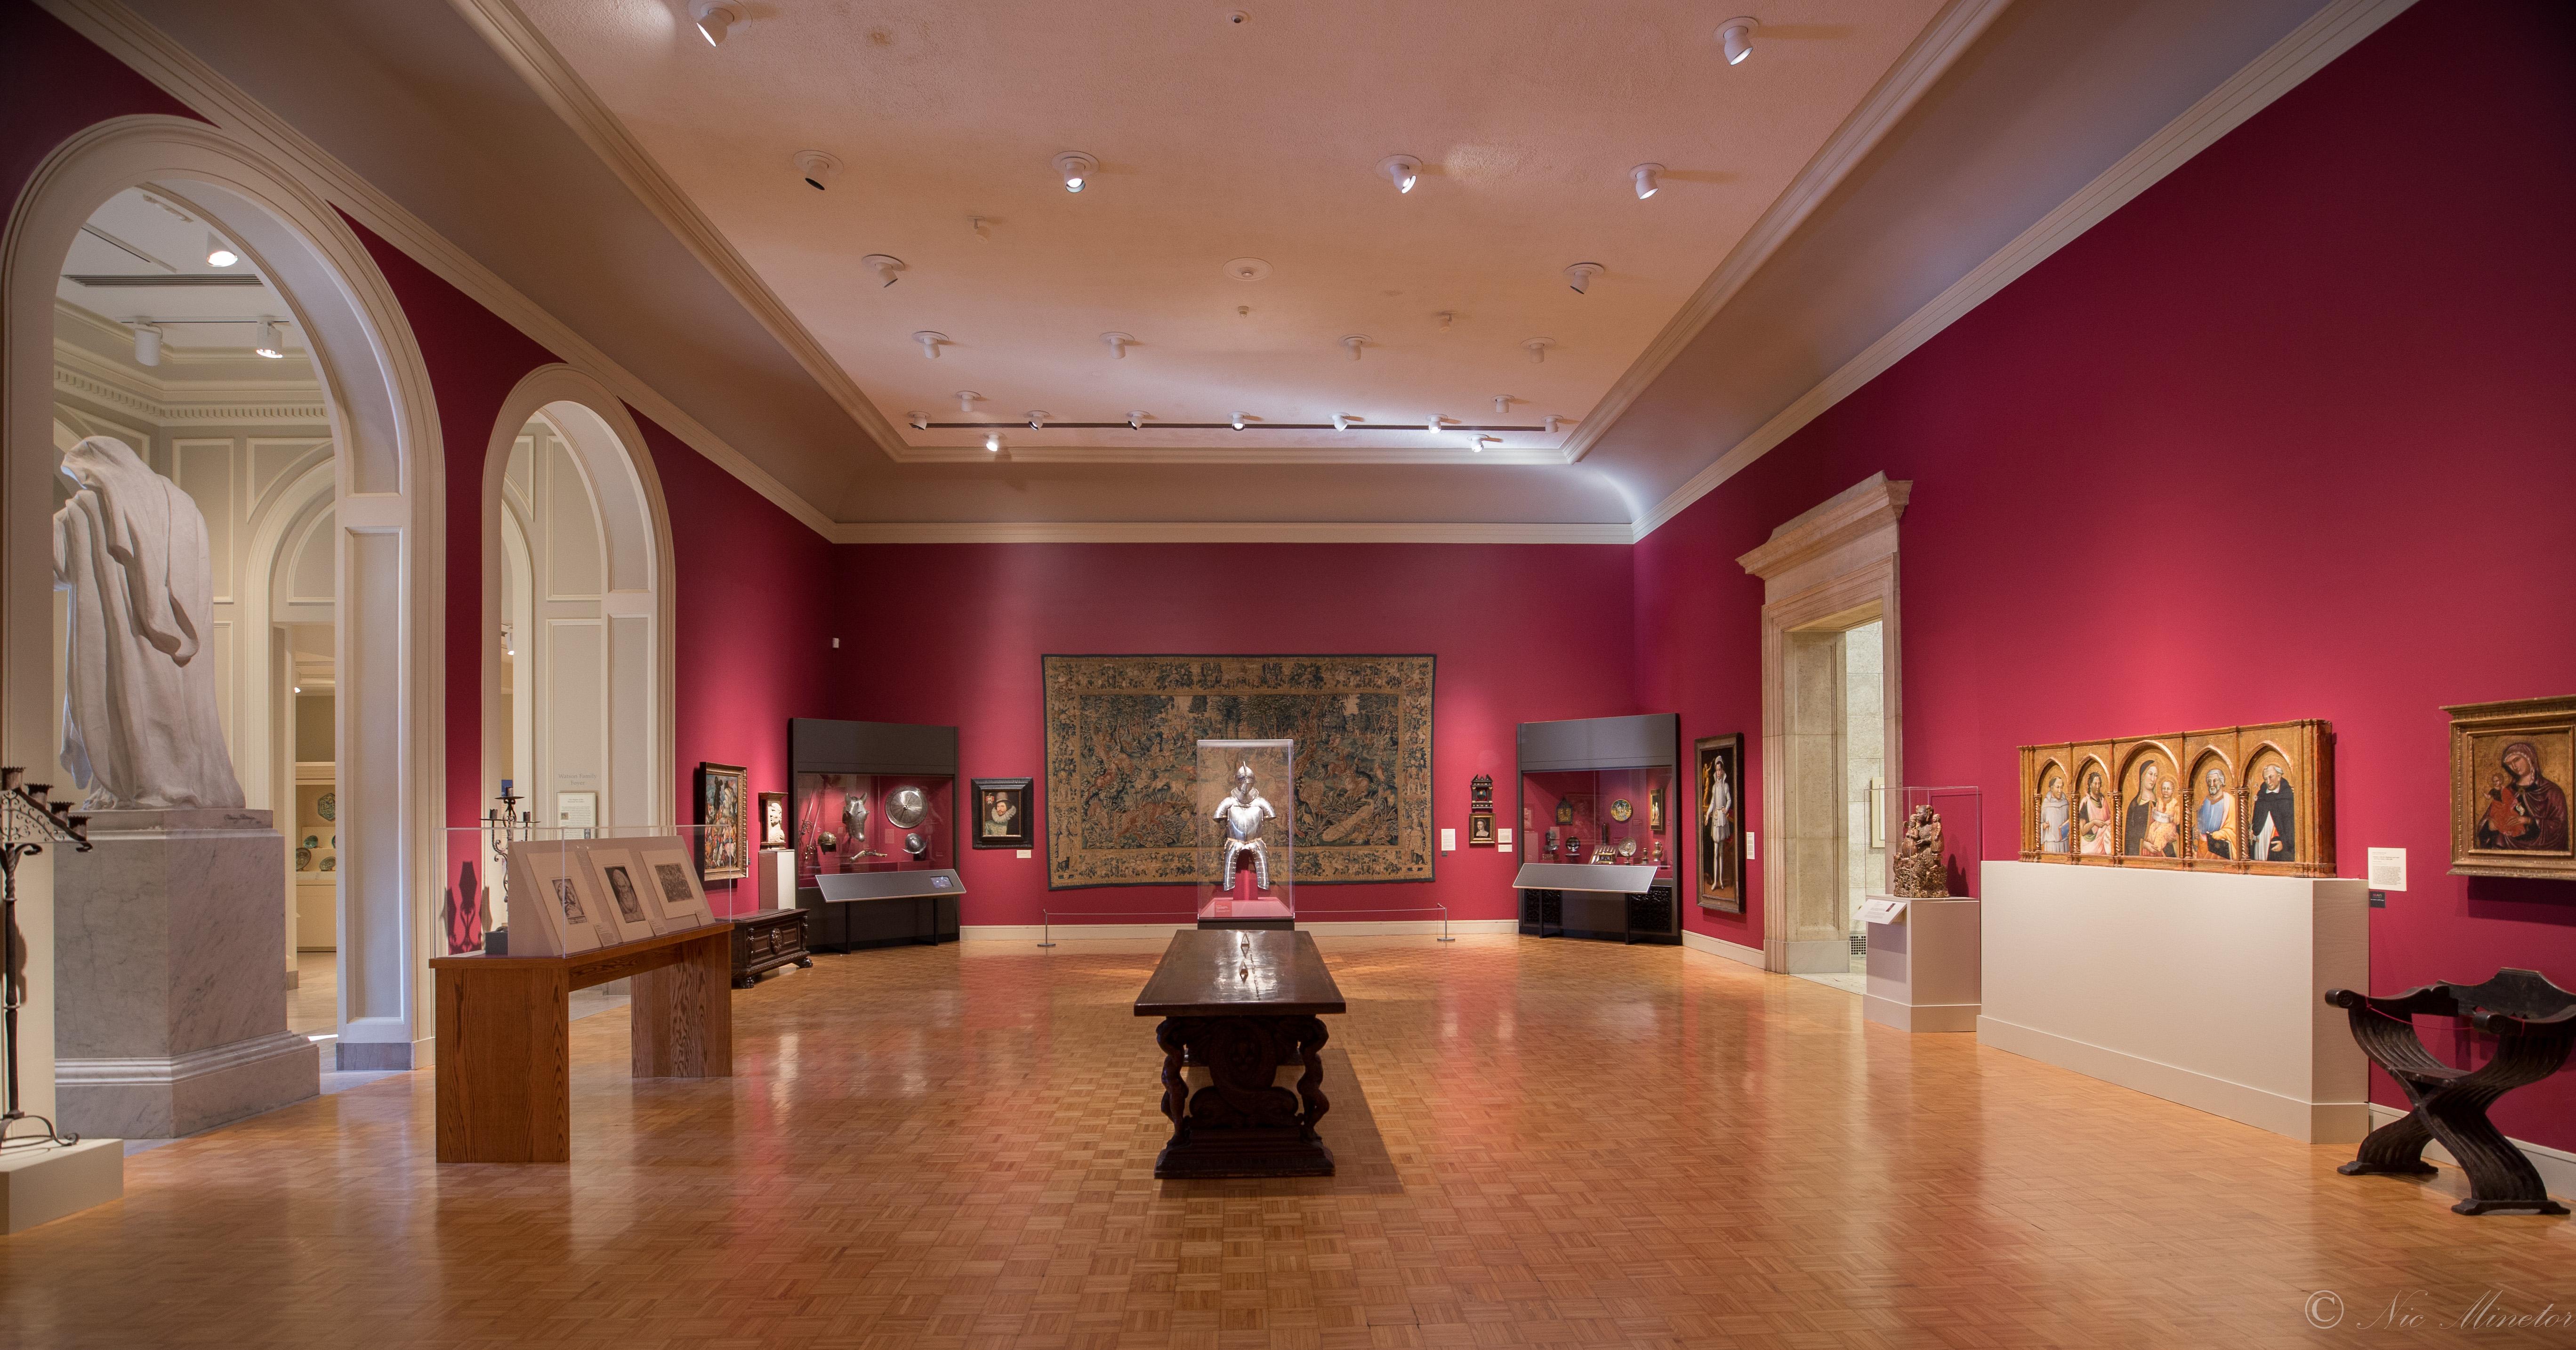 Memorial Art Gallery Lighting Updates The Green Dandelion